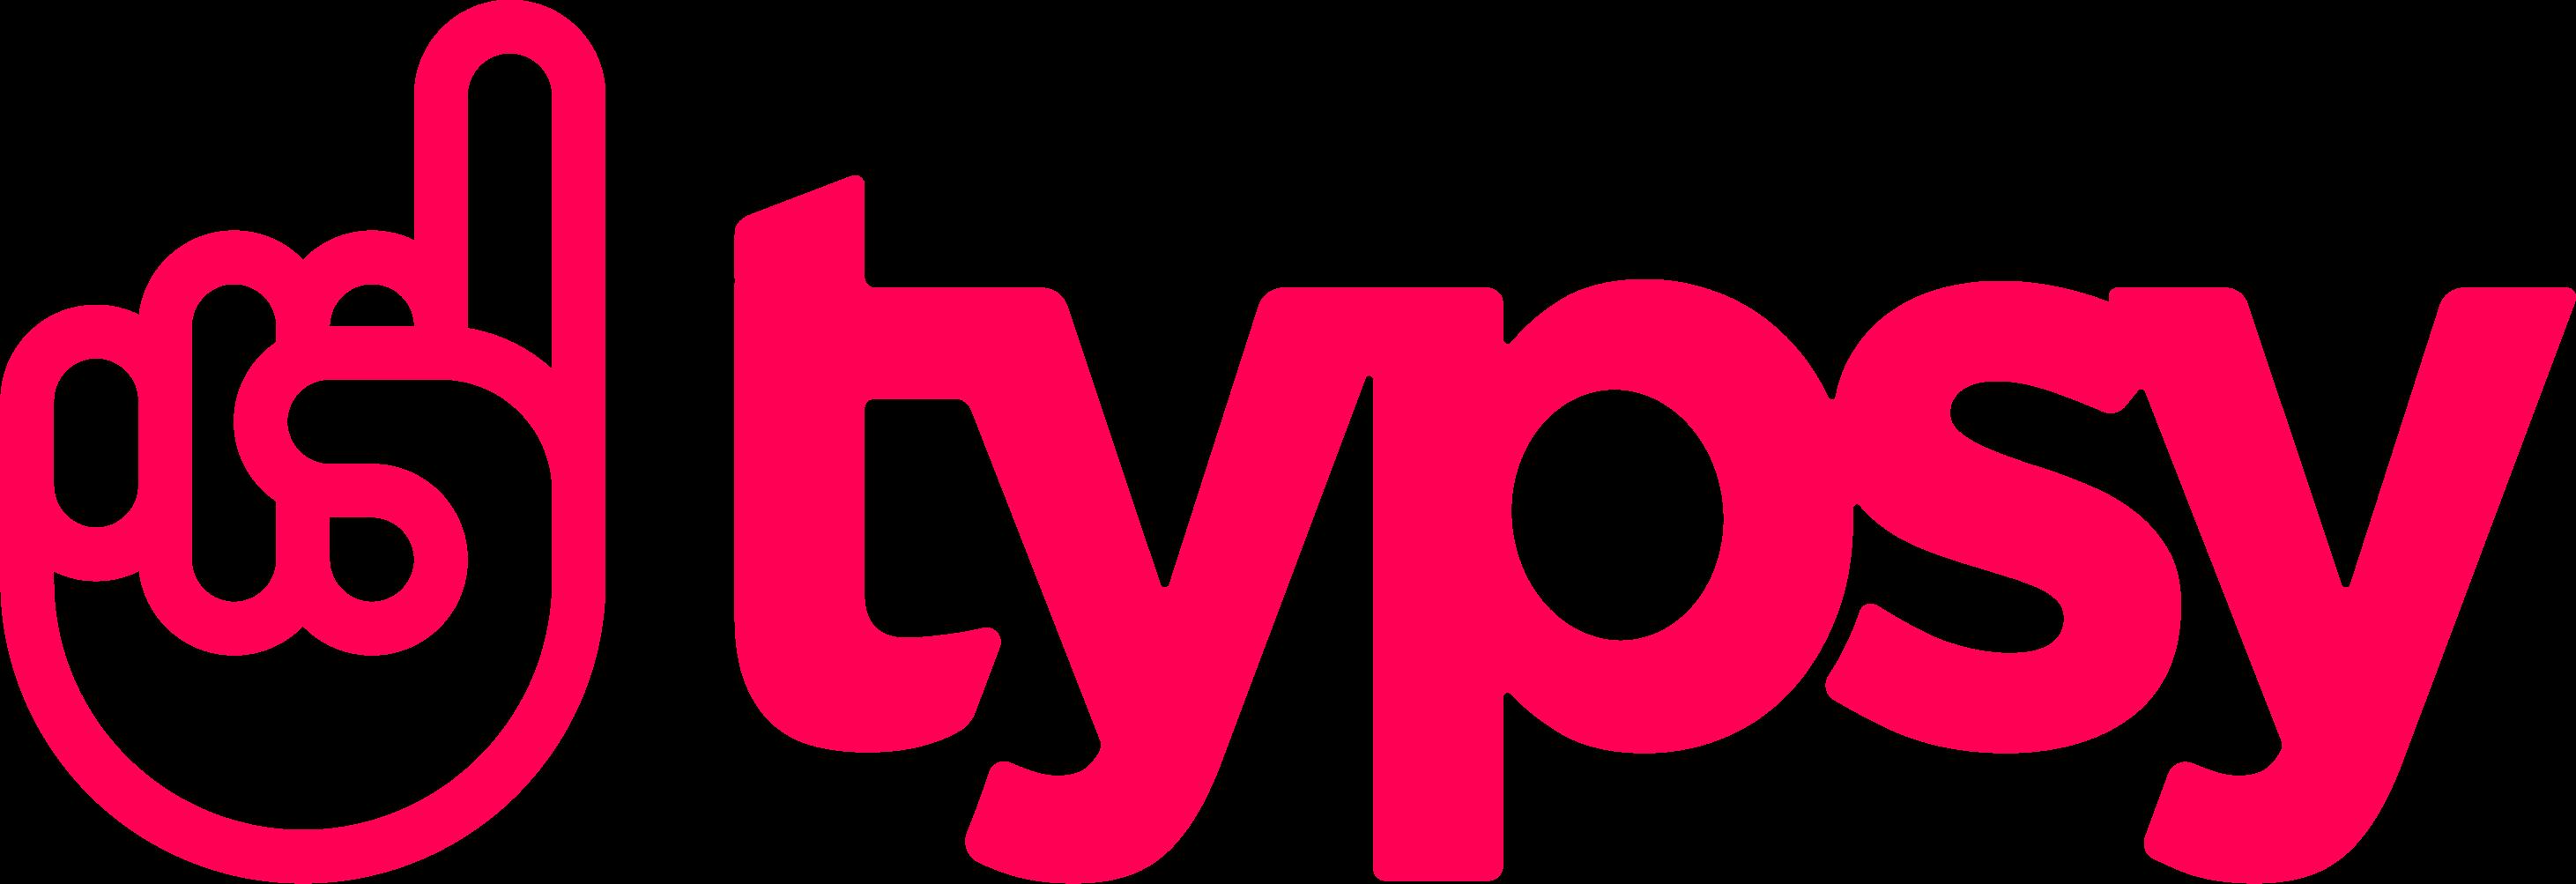 Typsy Brand